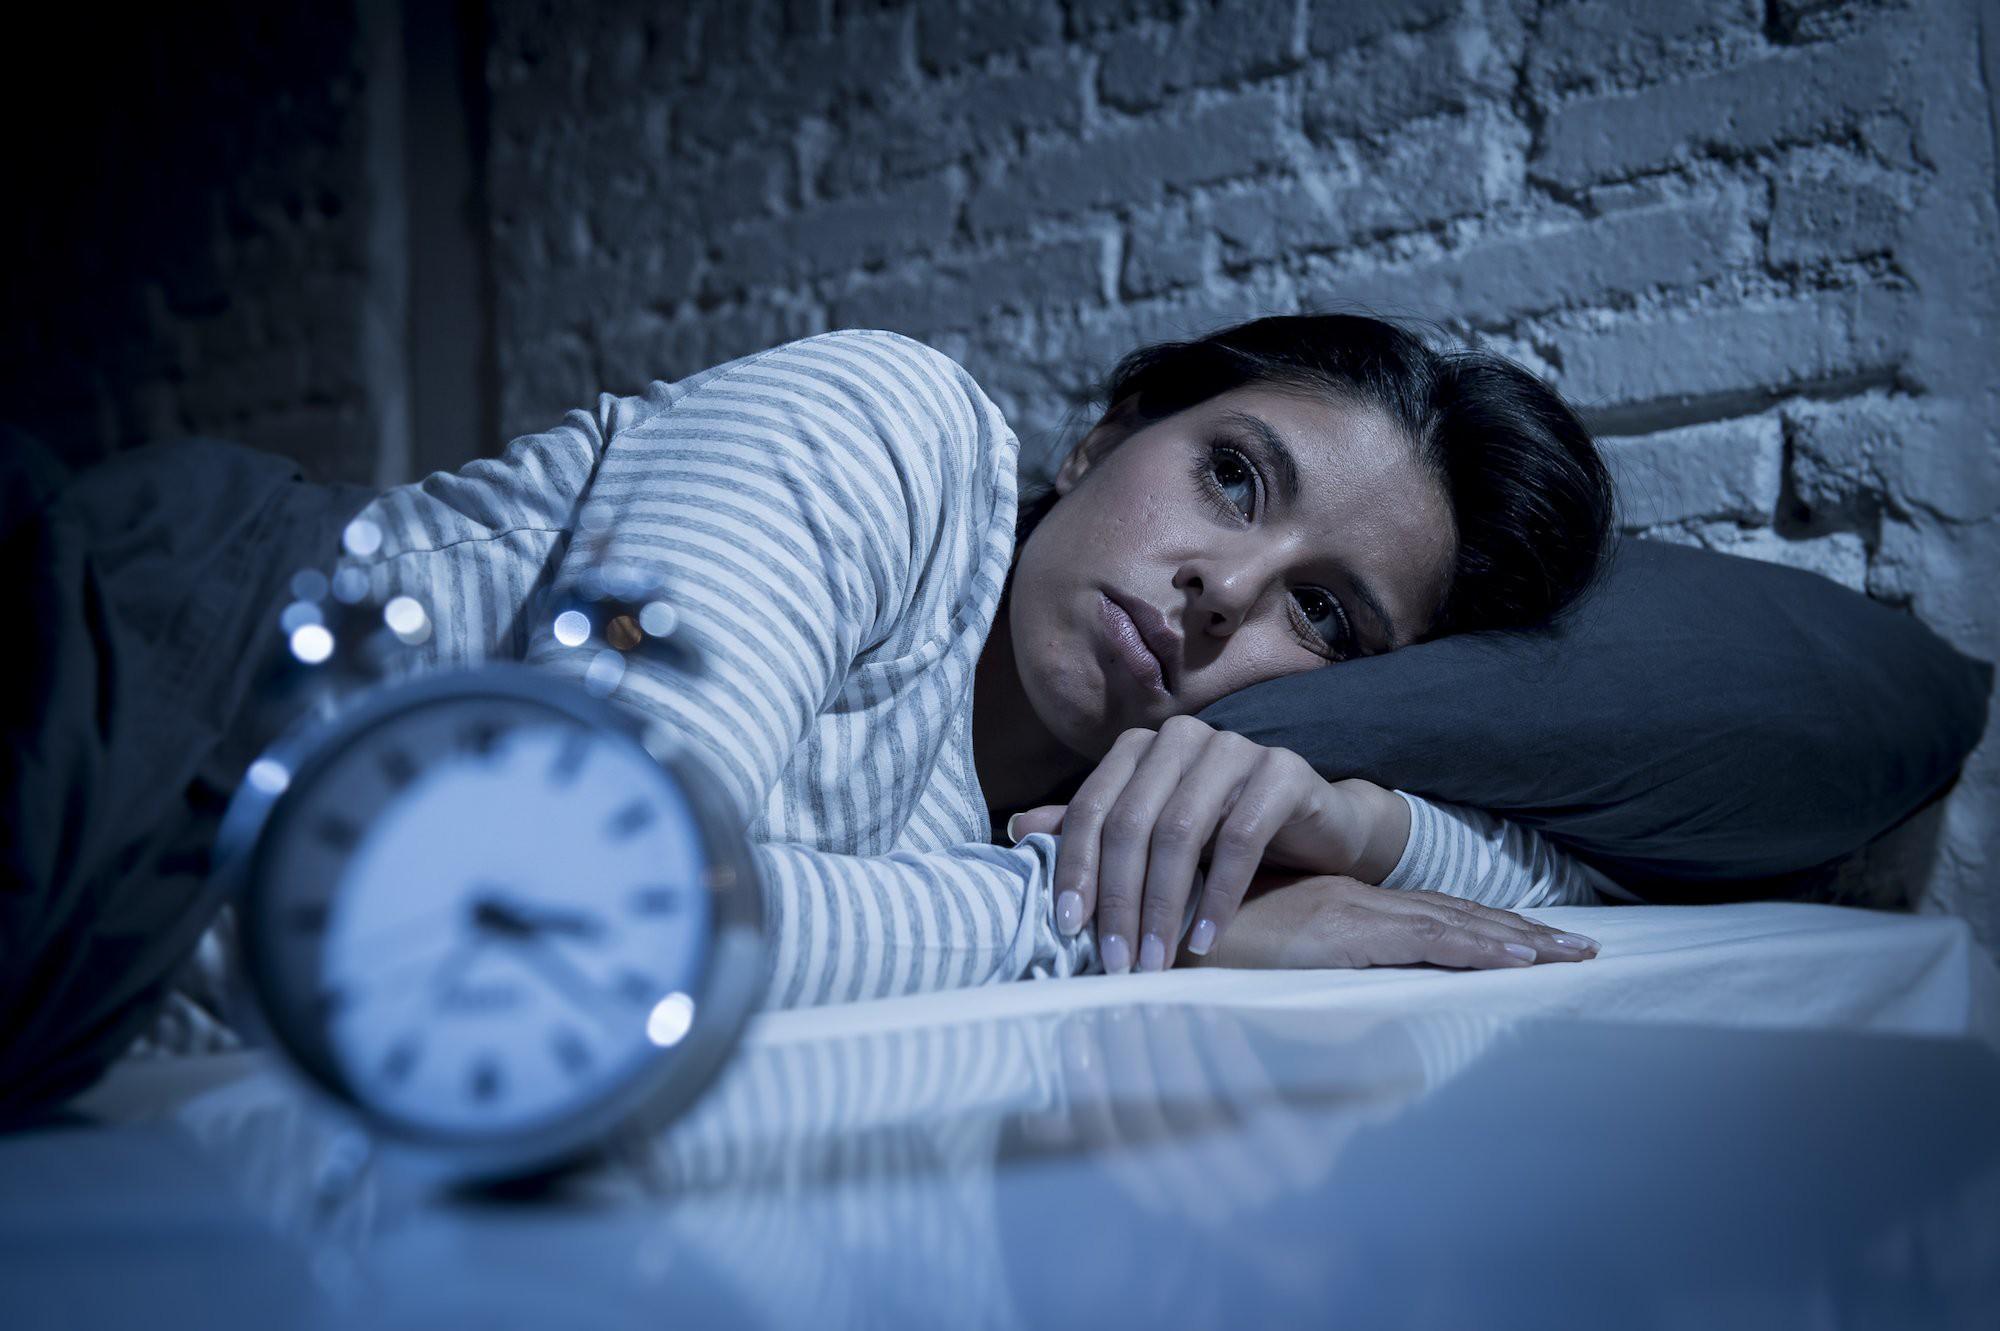 Trà tam thất có thể giải quyết tốt vấn đề của người mất ngủ kinh niên